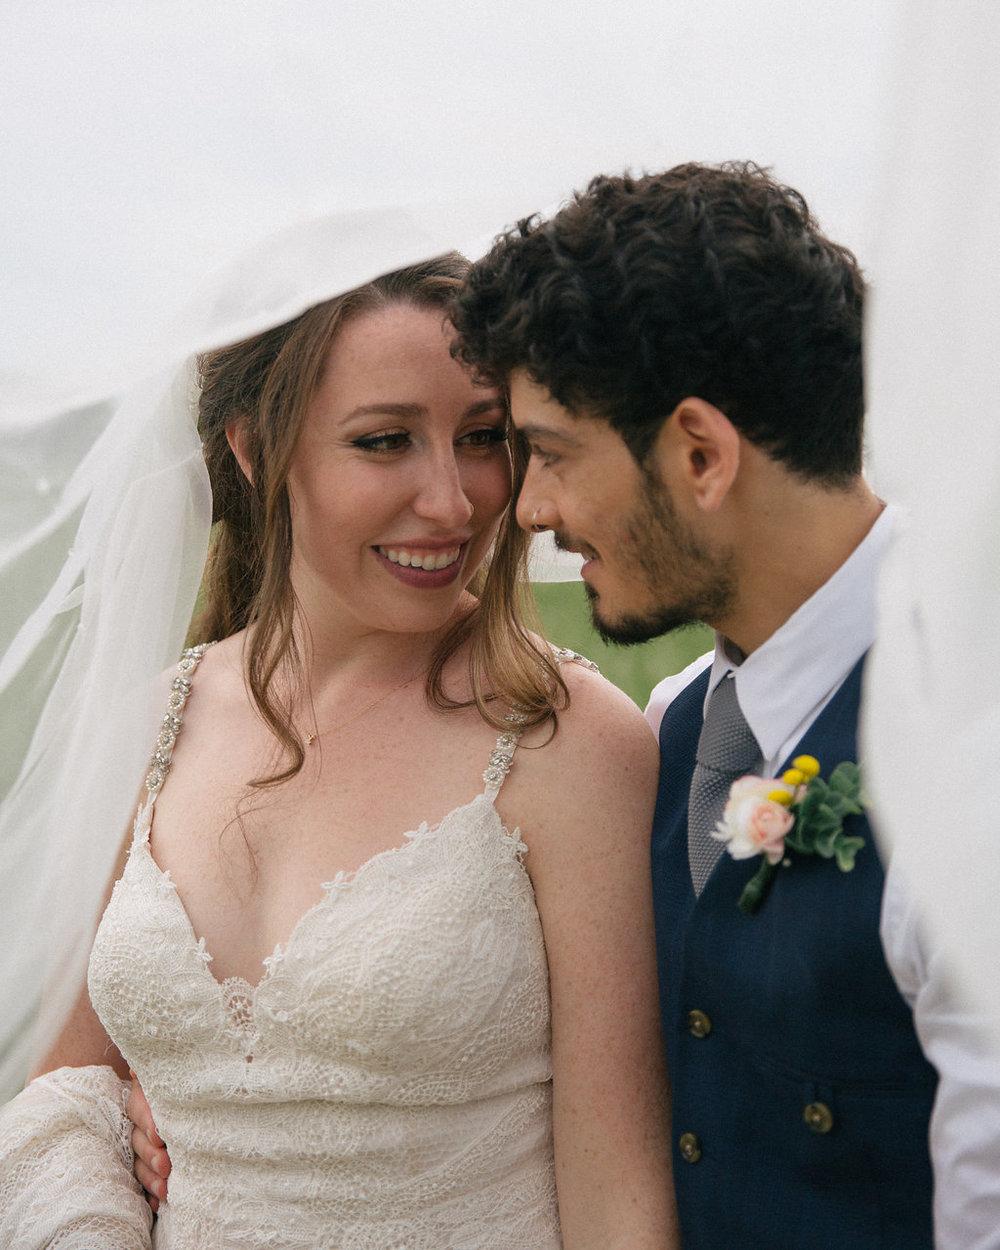 MD_WeddingPortraits_28.jpg